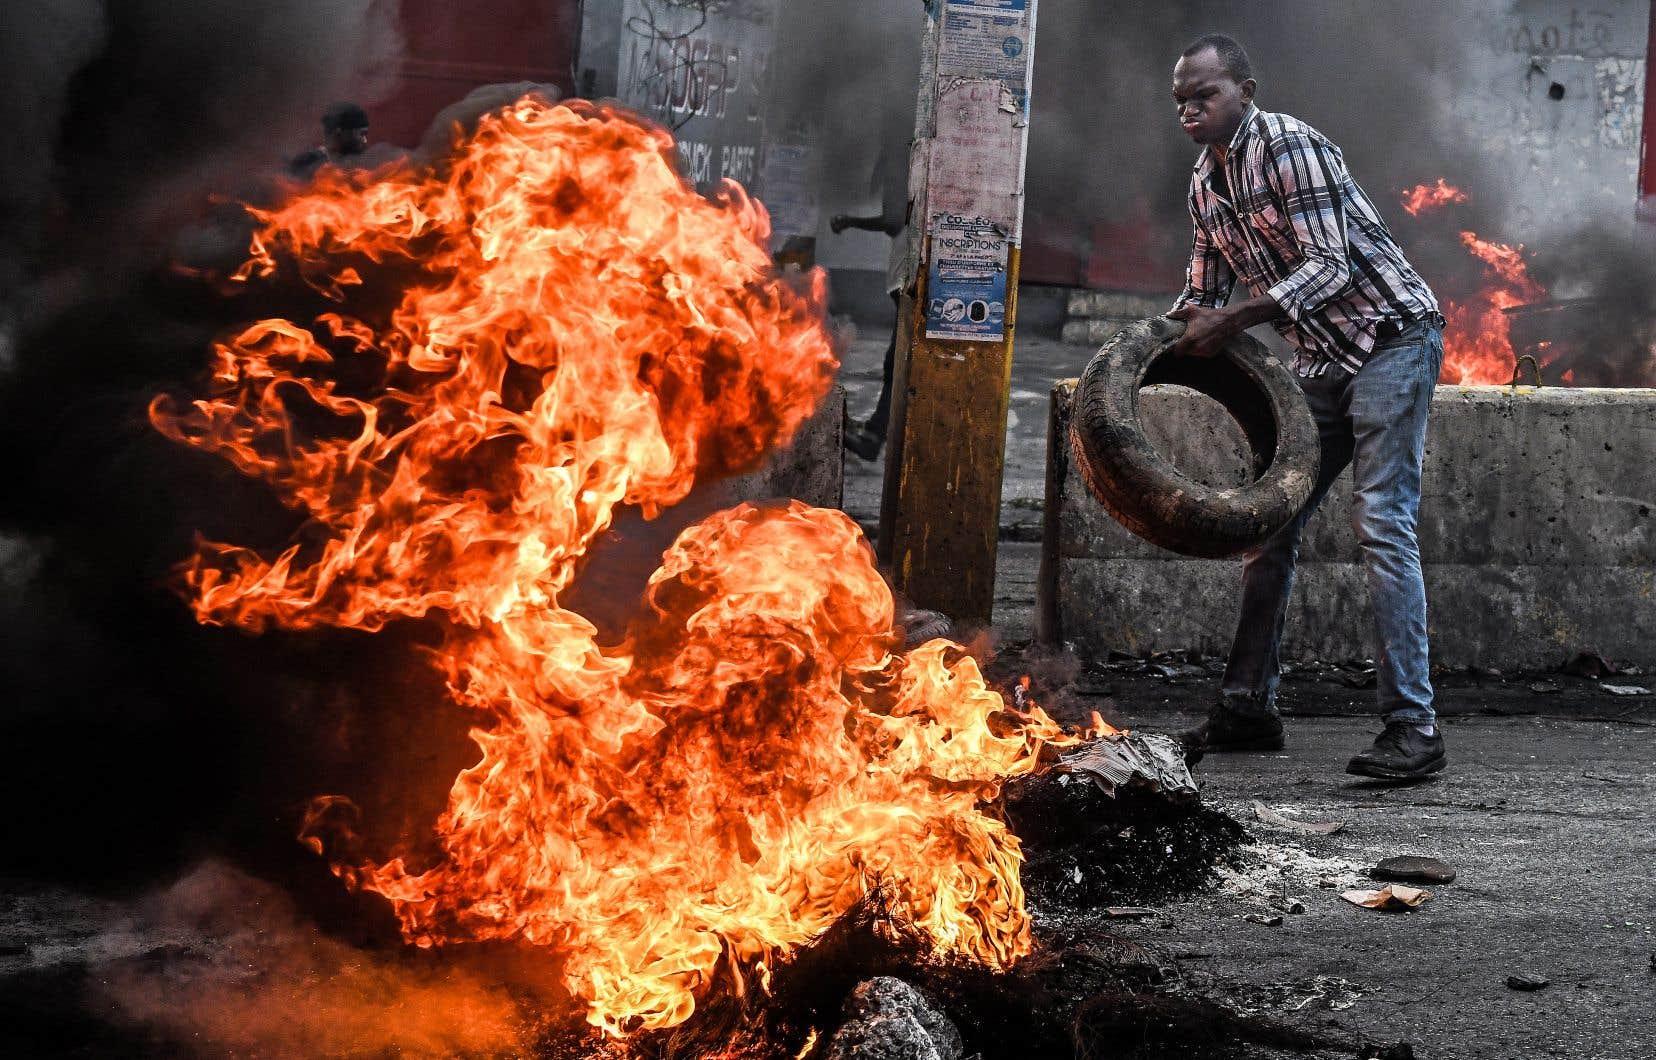 Les contestataires haïtiens font brûler des pneus pour ériger des barricades dans les rues de Port-au-Prince.